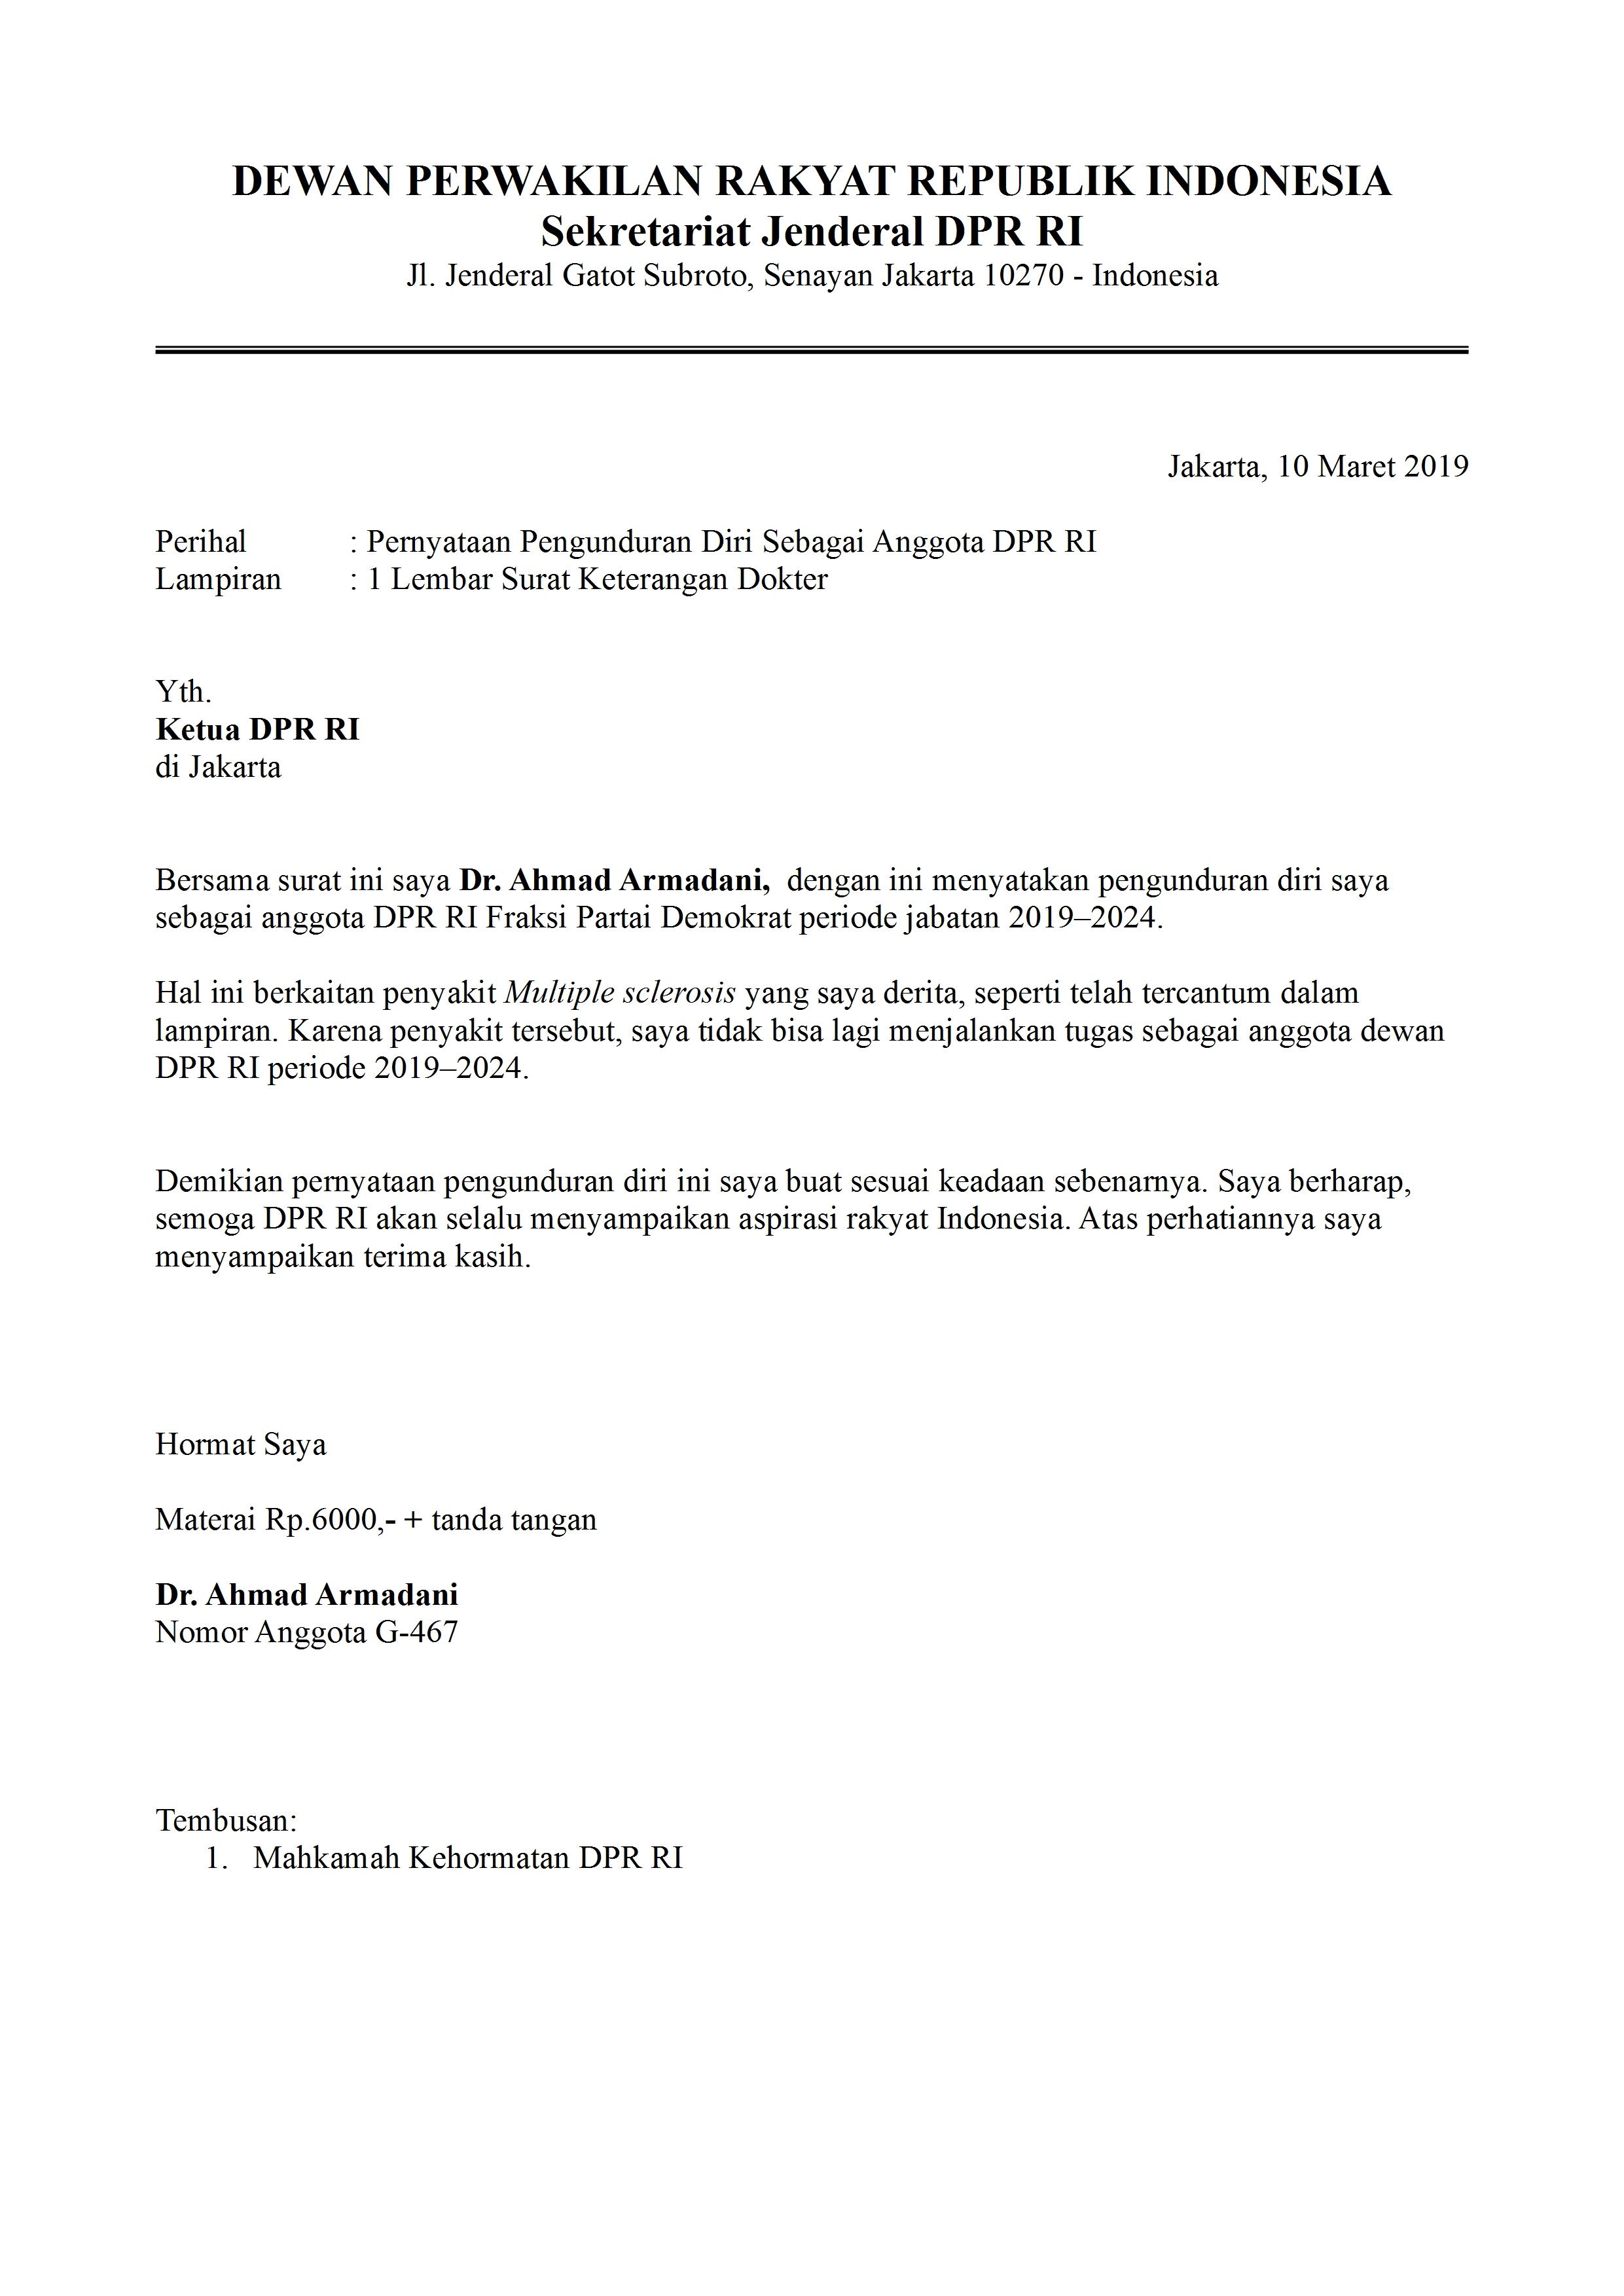 Contoh Surat Pengunduran Diri Anggota Legislatif | detikLife